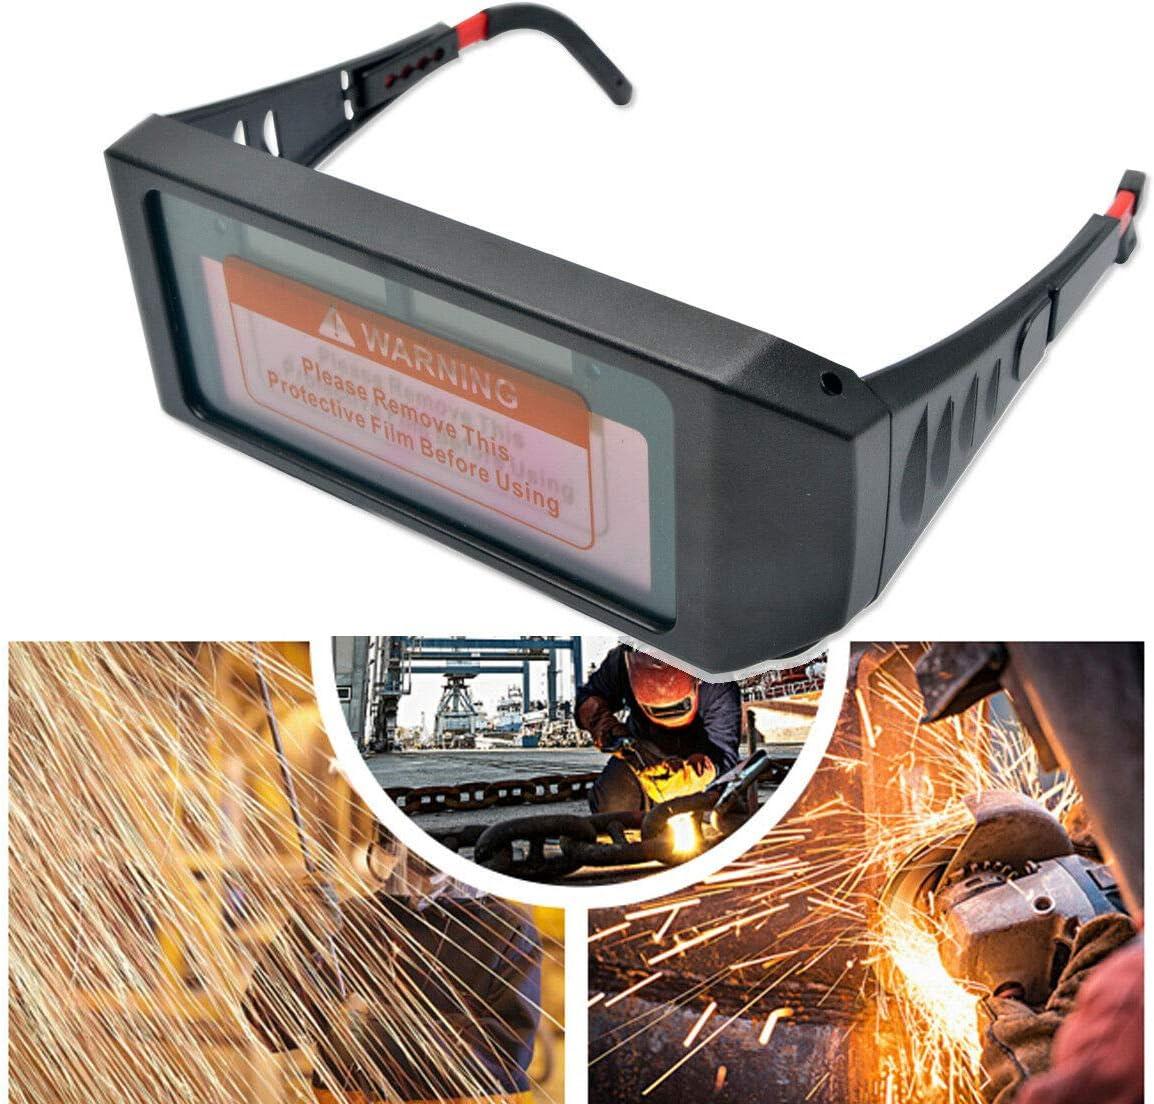 Gafas de Seguridad m/áscara de Soldadura con 2 Protectores de Pantalla de PC reemplazables Gafas de Soldadura con energ/ía Solar para oscurecimiento autom/ático de LCD MASO